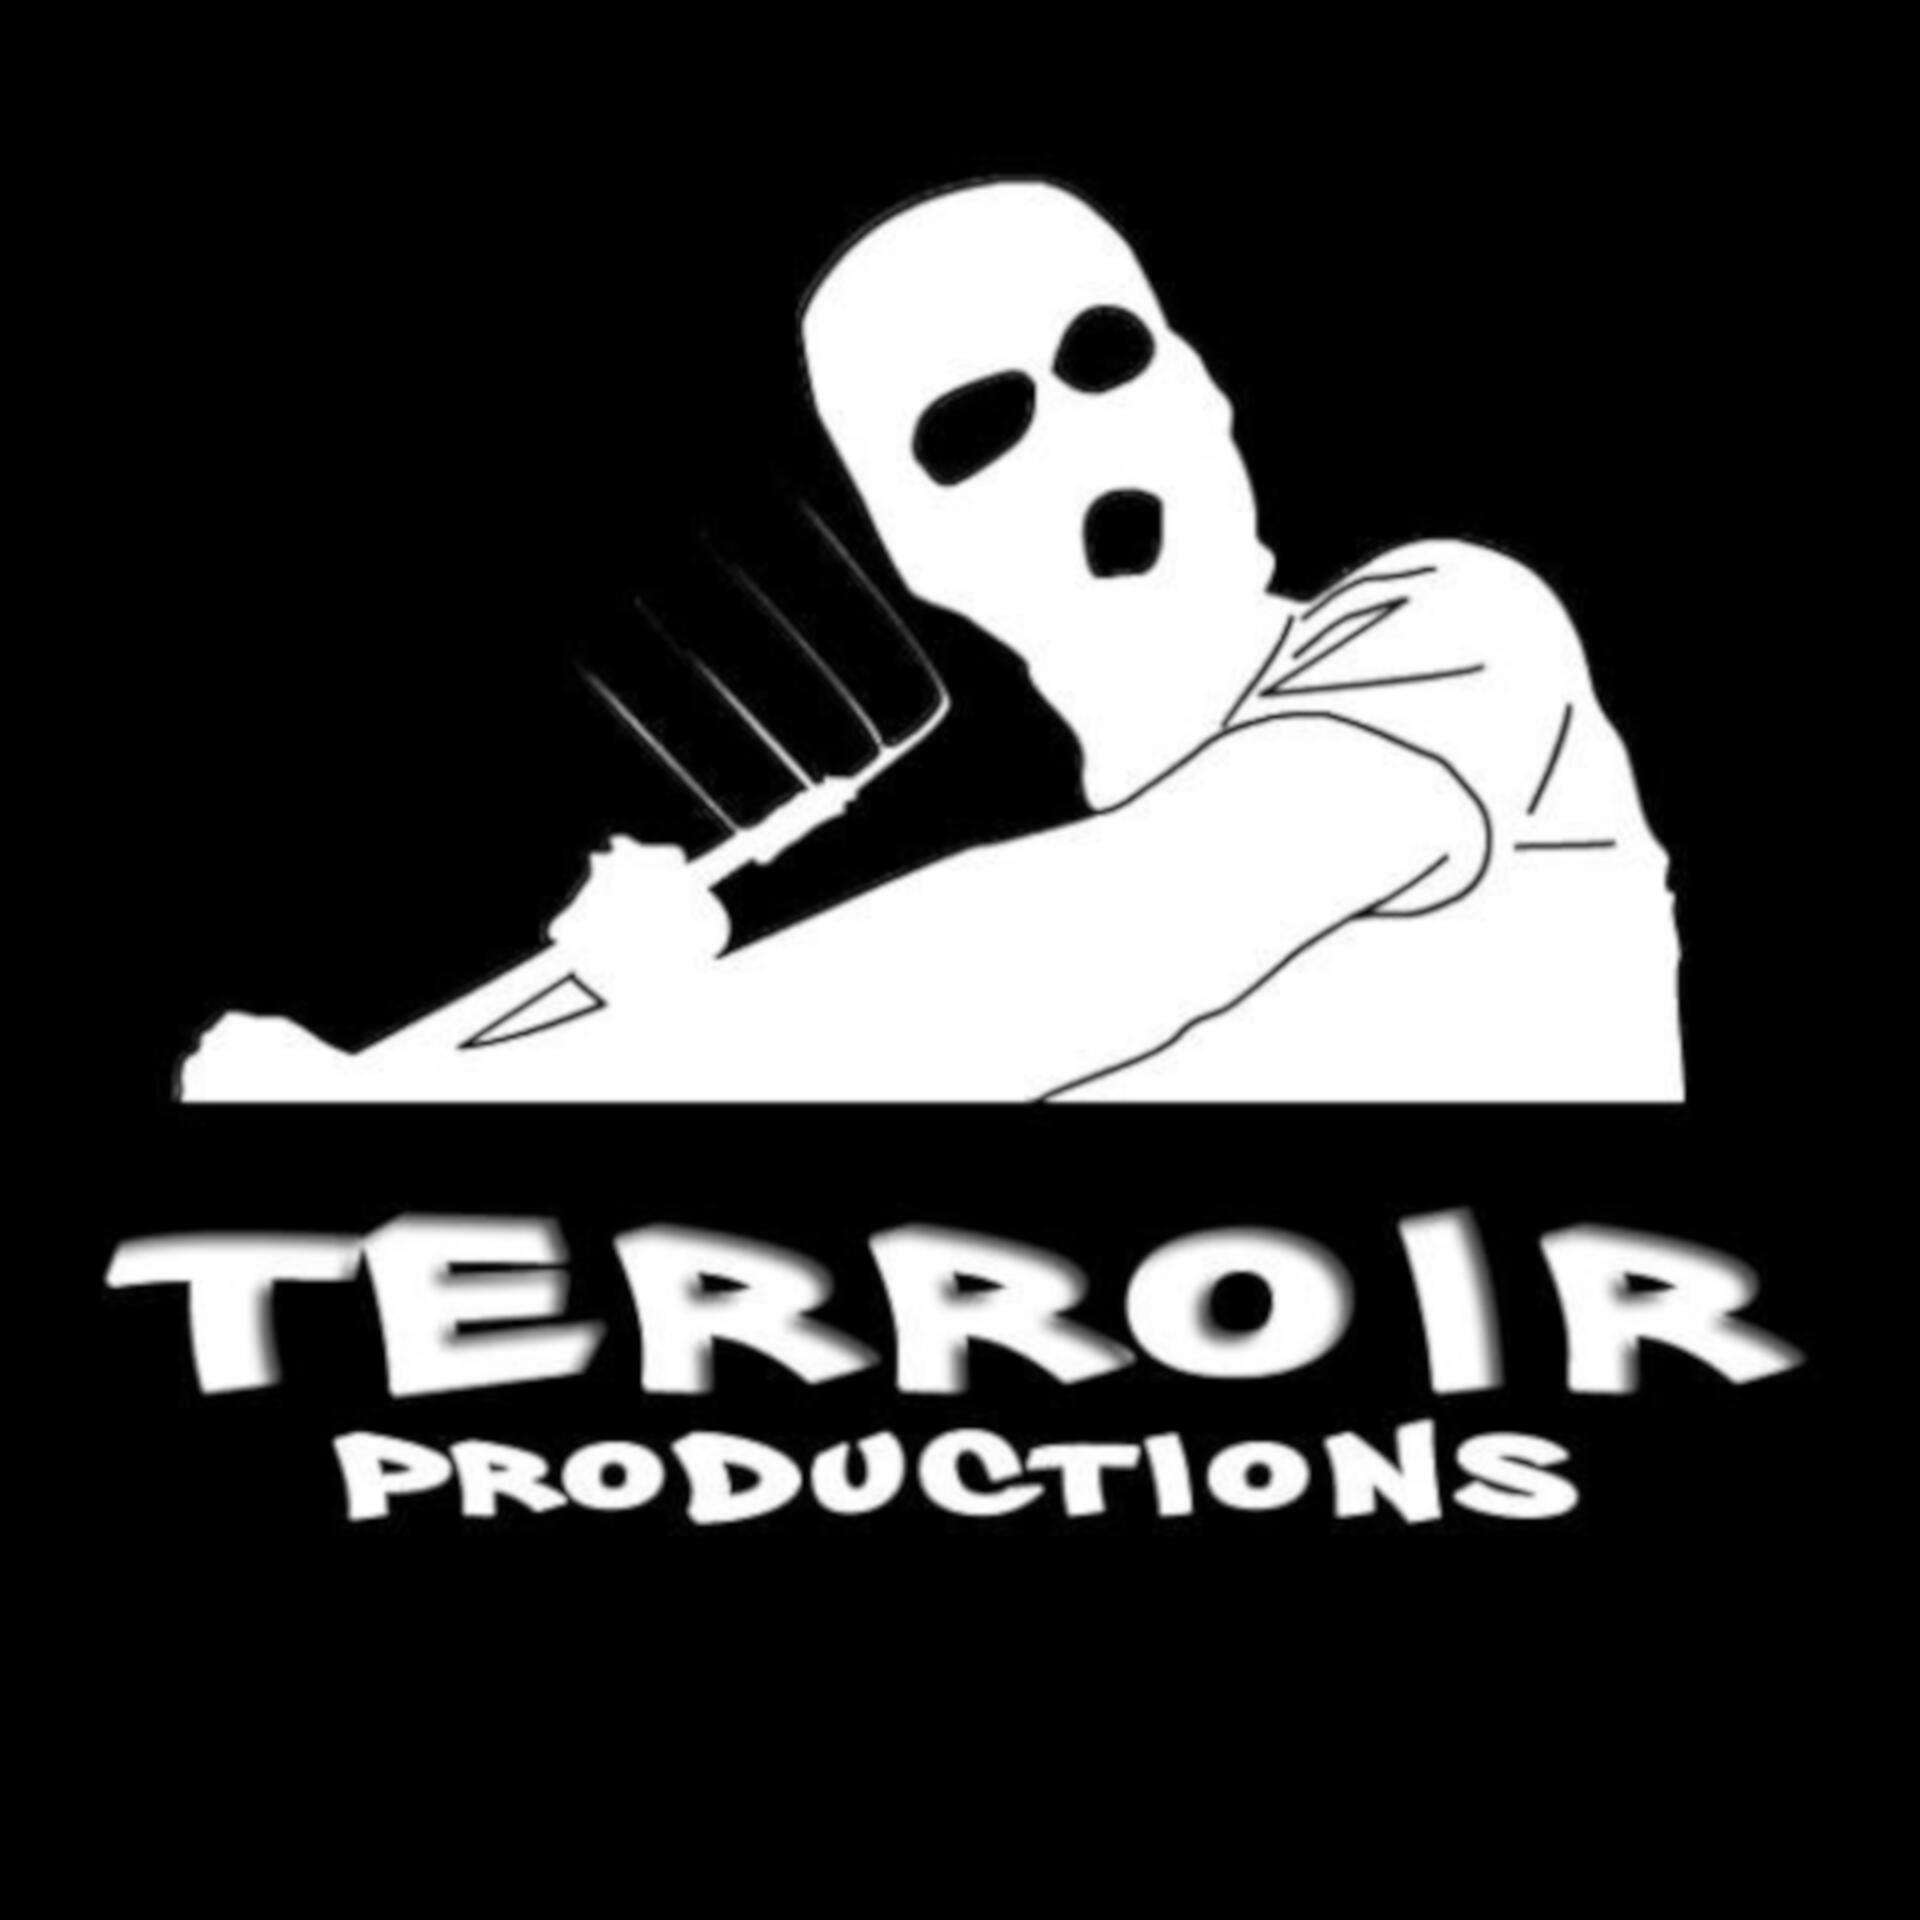 TERROIR LOGO